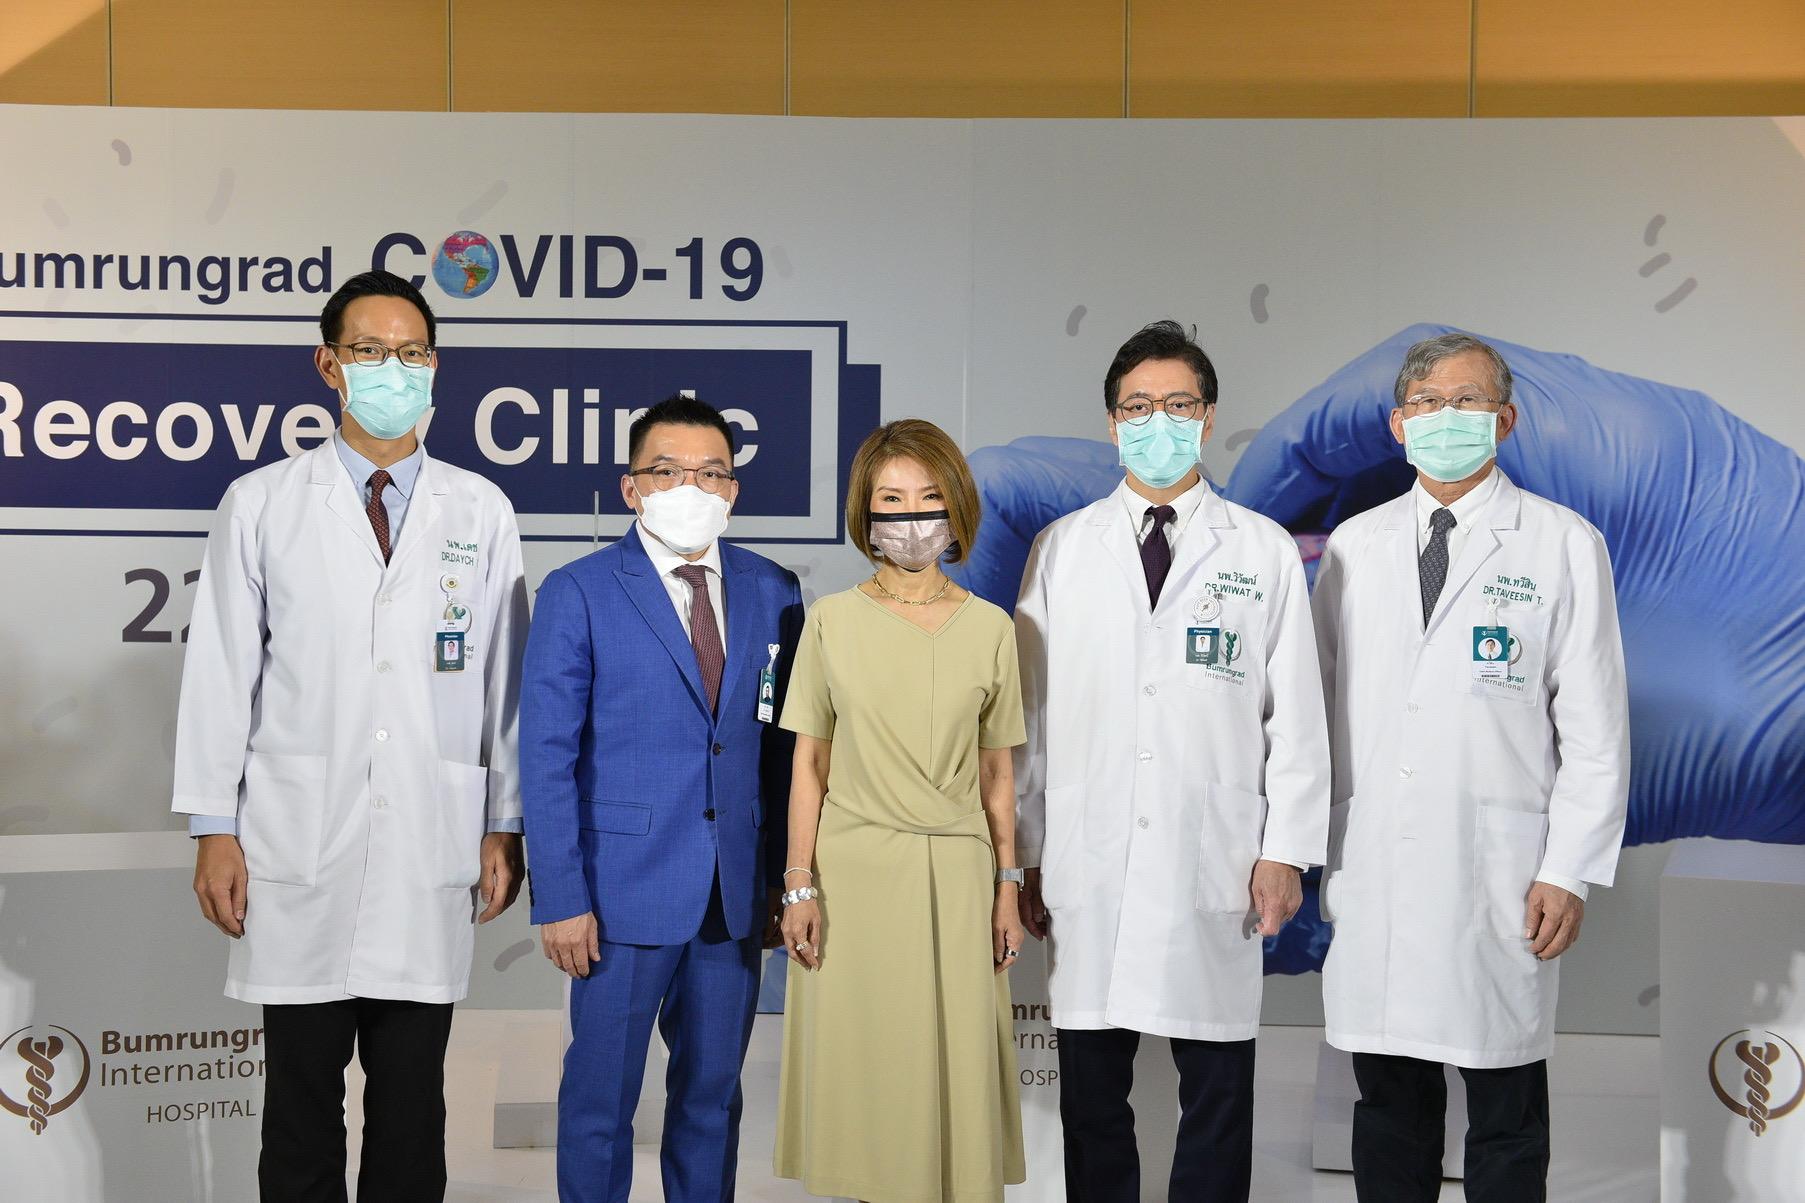 รพ.บำรุงราษฎร์ เปิด 'Bumrungrad COVID-19 Recovery Clinic' ชู Bumrungrad COVID Solutions ให้บริการครอบคลุมในทุกมิติของโควิด-19